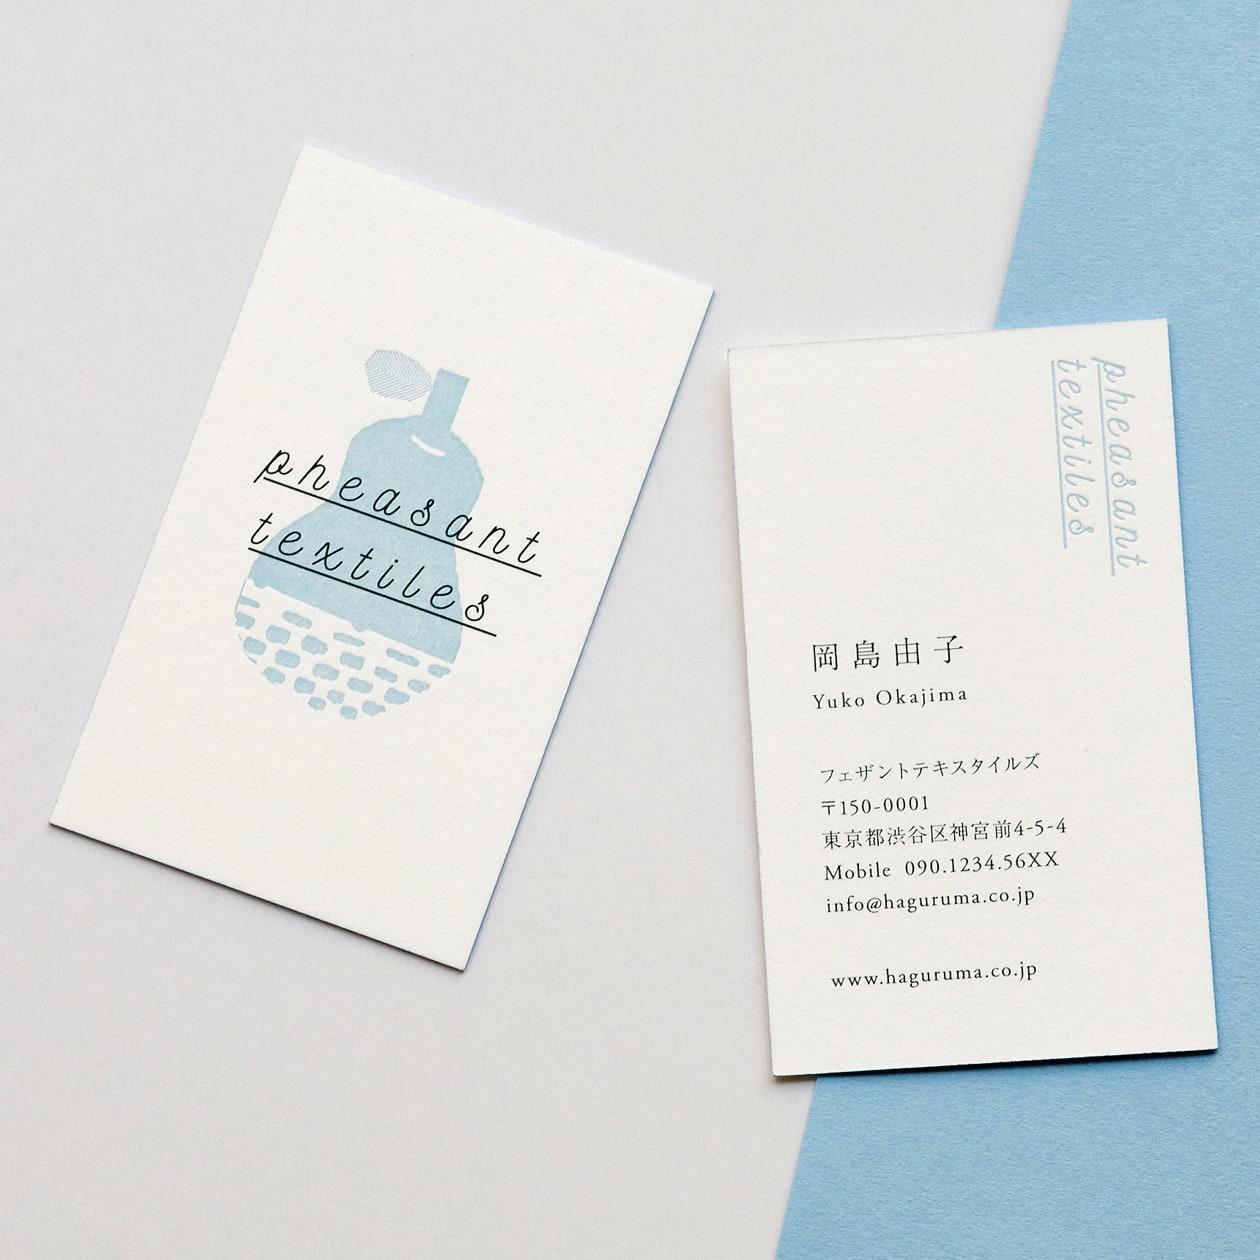 活版印刷とエッジカラーで個性的に テキスタイルデザイナーの名刺